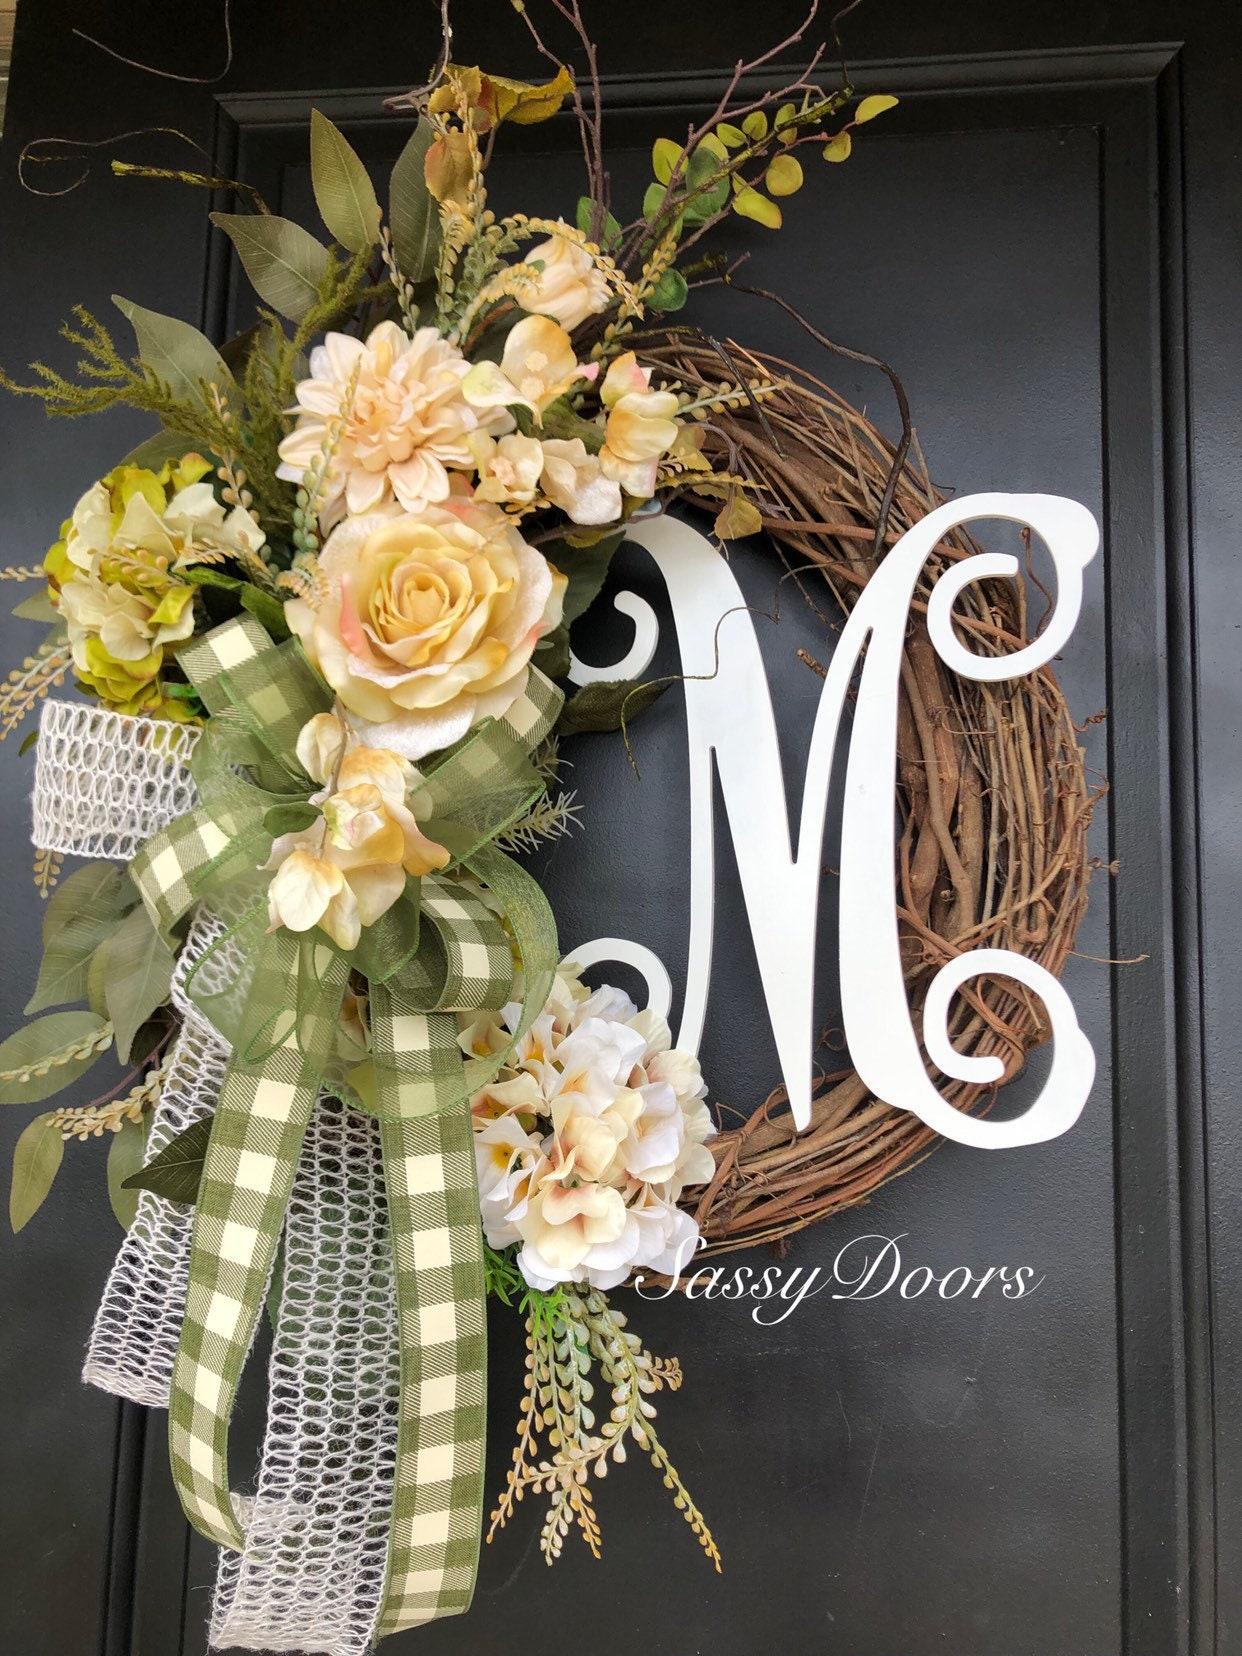 Hydrangeas Wreath Everyday Monogram Wreath Monogram Wreath Sassy Doors Wreaths Hydrangea Wreath Wreath With Initial Fal